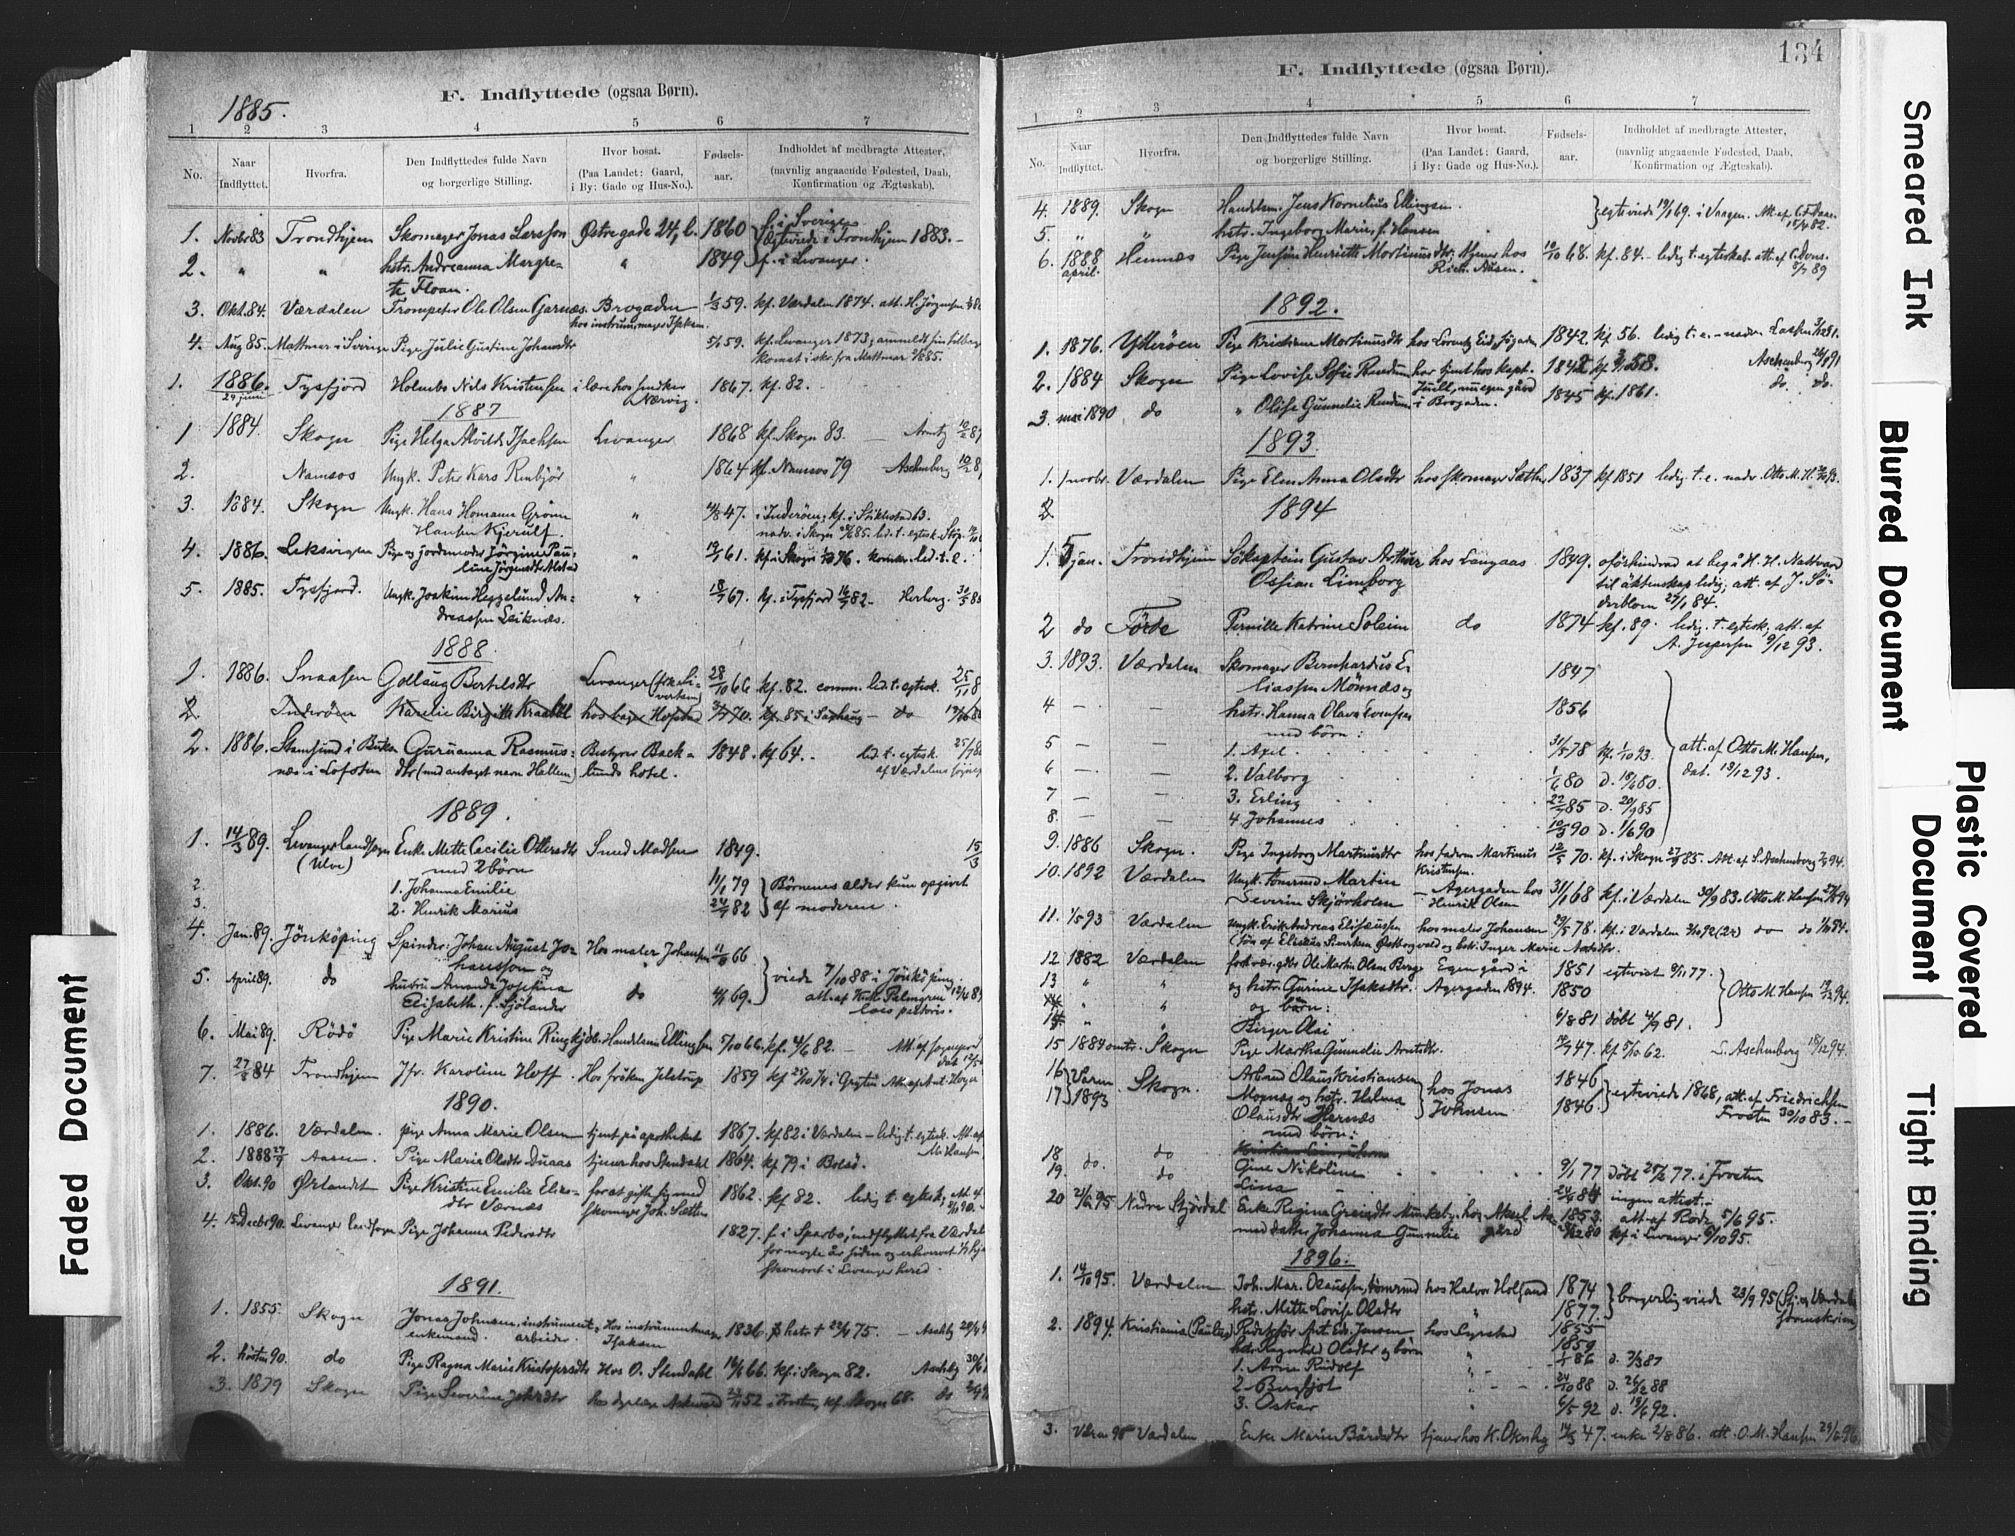 SAT, Ministerialprotokoller, klokkerbøker og fødselsregistre - Nord-Trøndelag, 720/L0189: Ministerialbok nr. 720A05, 1880-1911, s. 134